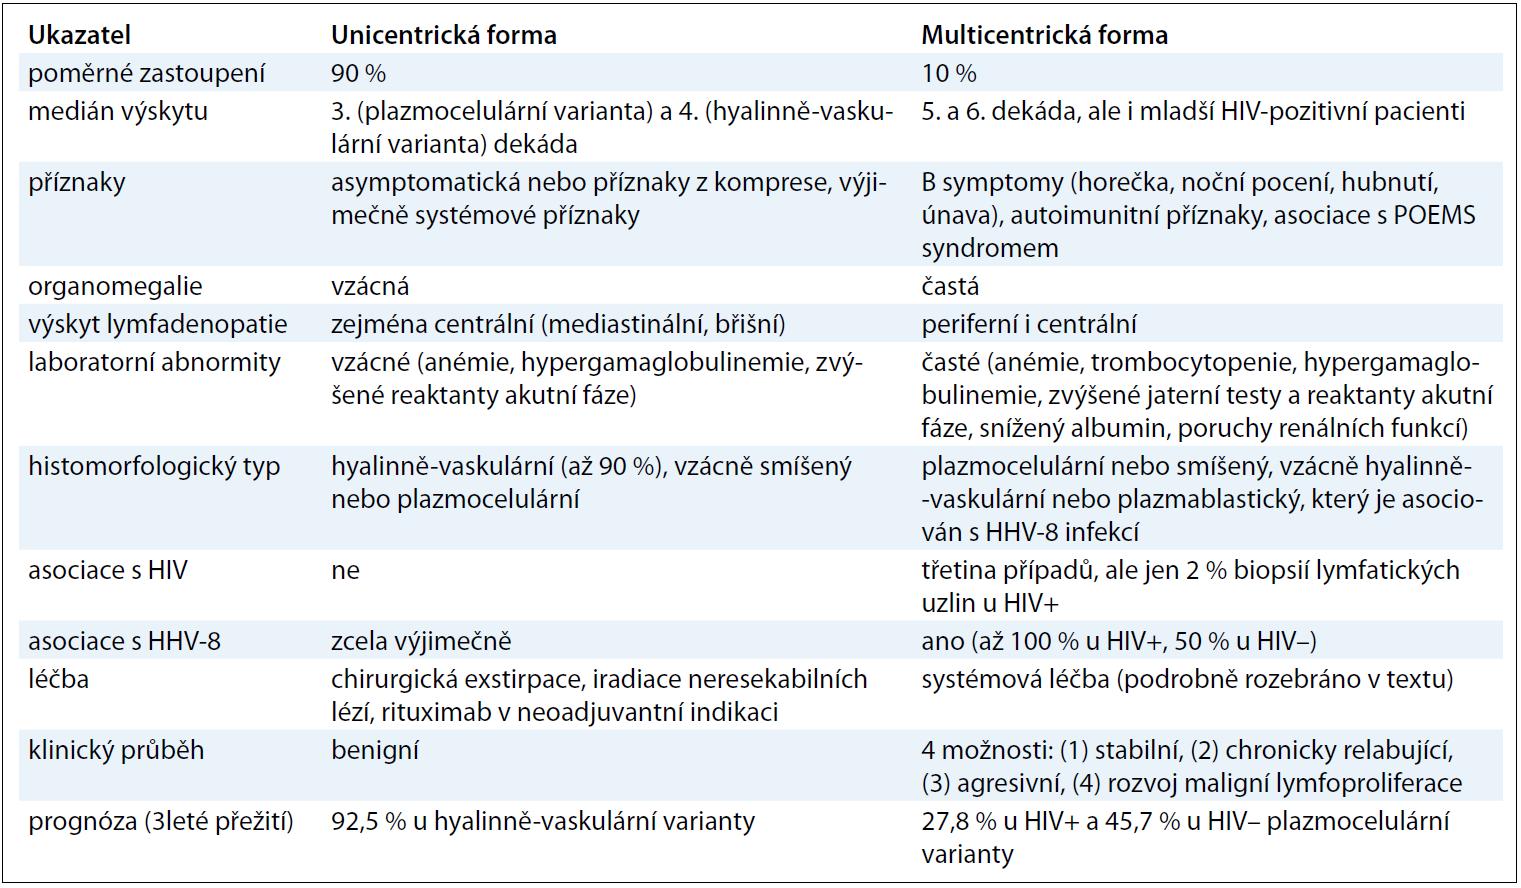 Základní charakteristiky obou klinických forem CD [13,19,46–49].